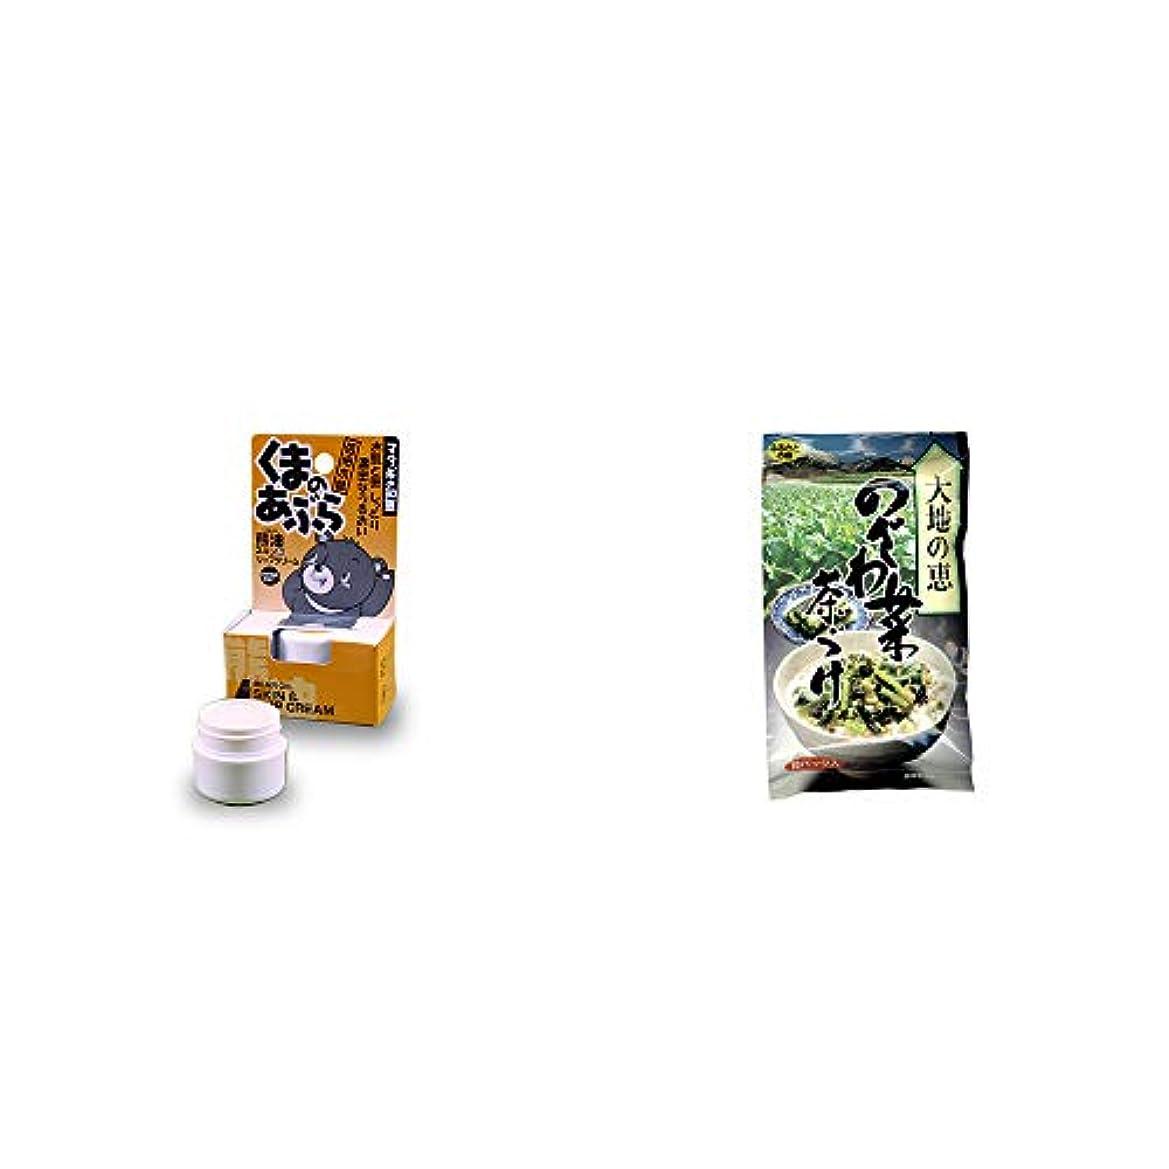 不倫に退院[2点セット] 信州木曽 くまのあぶら 熊油スキン&リップクリーム(9g)?特選茶漬け 大地の恵 のざわ菜茶づけ(10袋入)